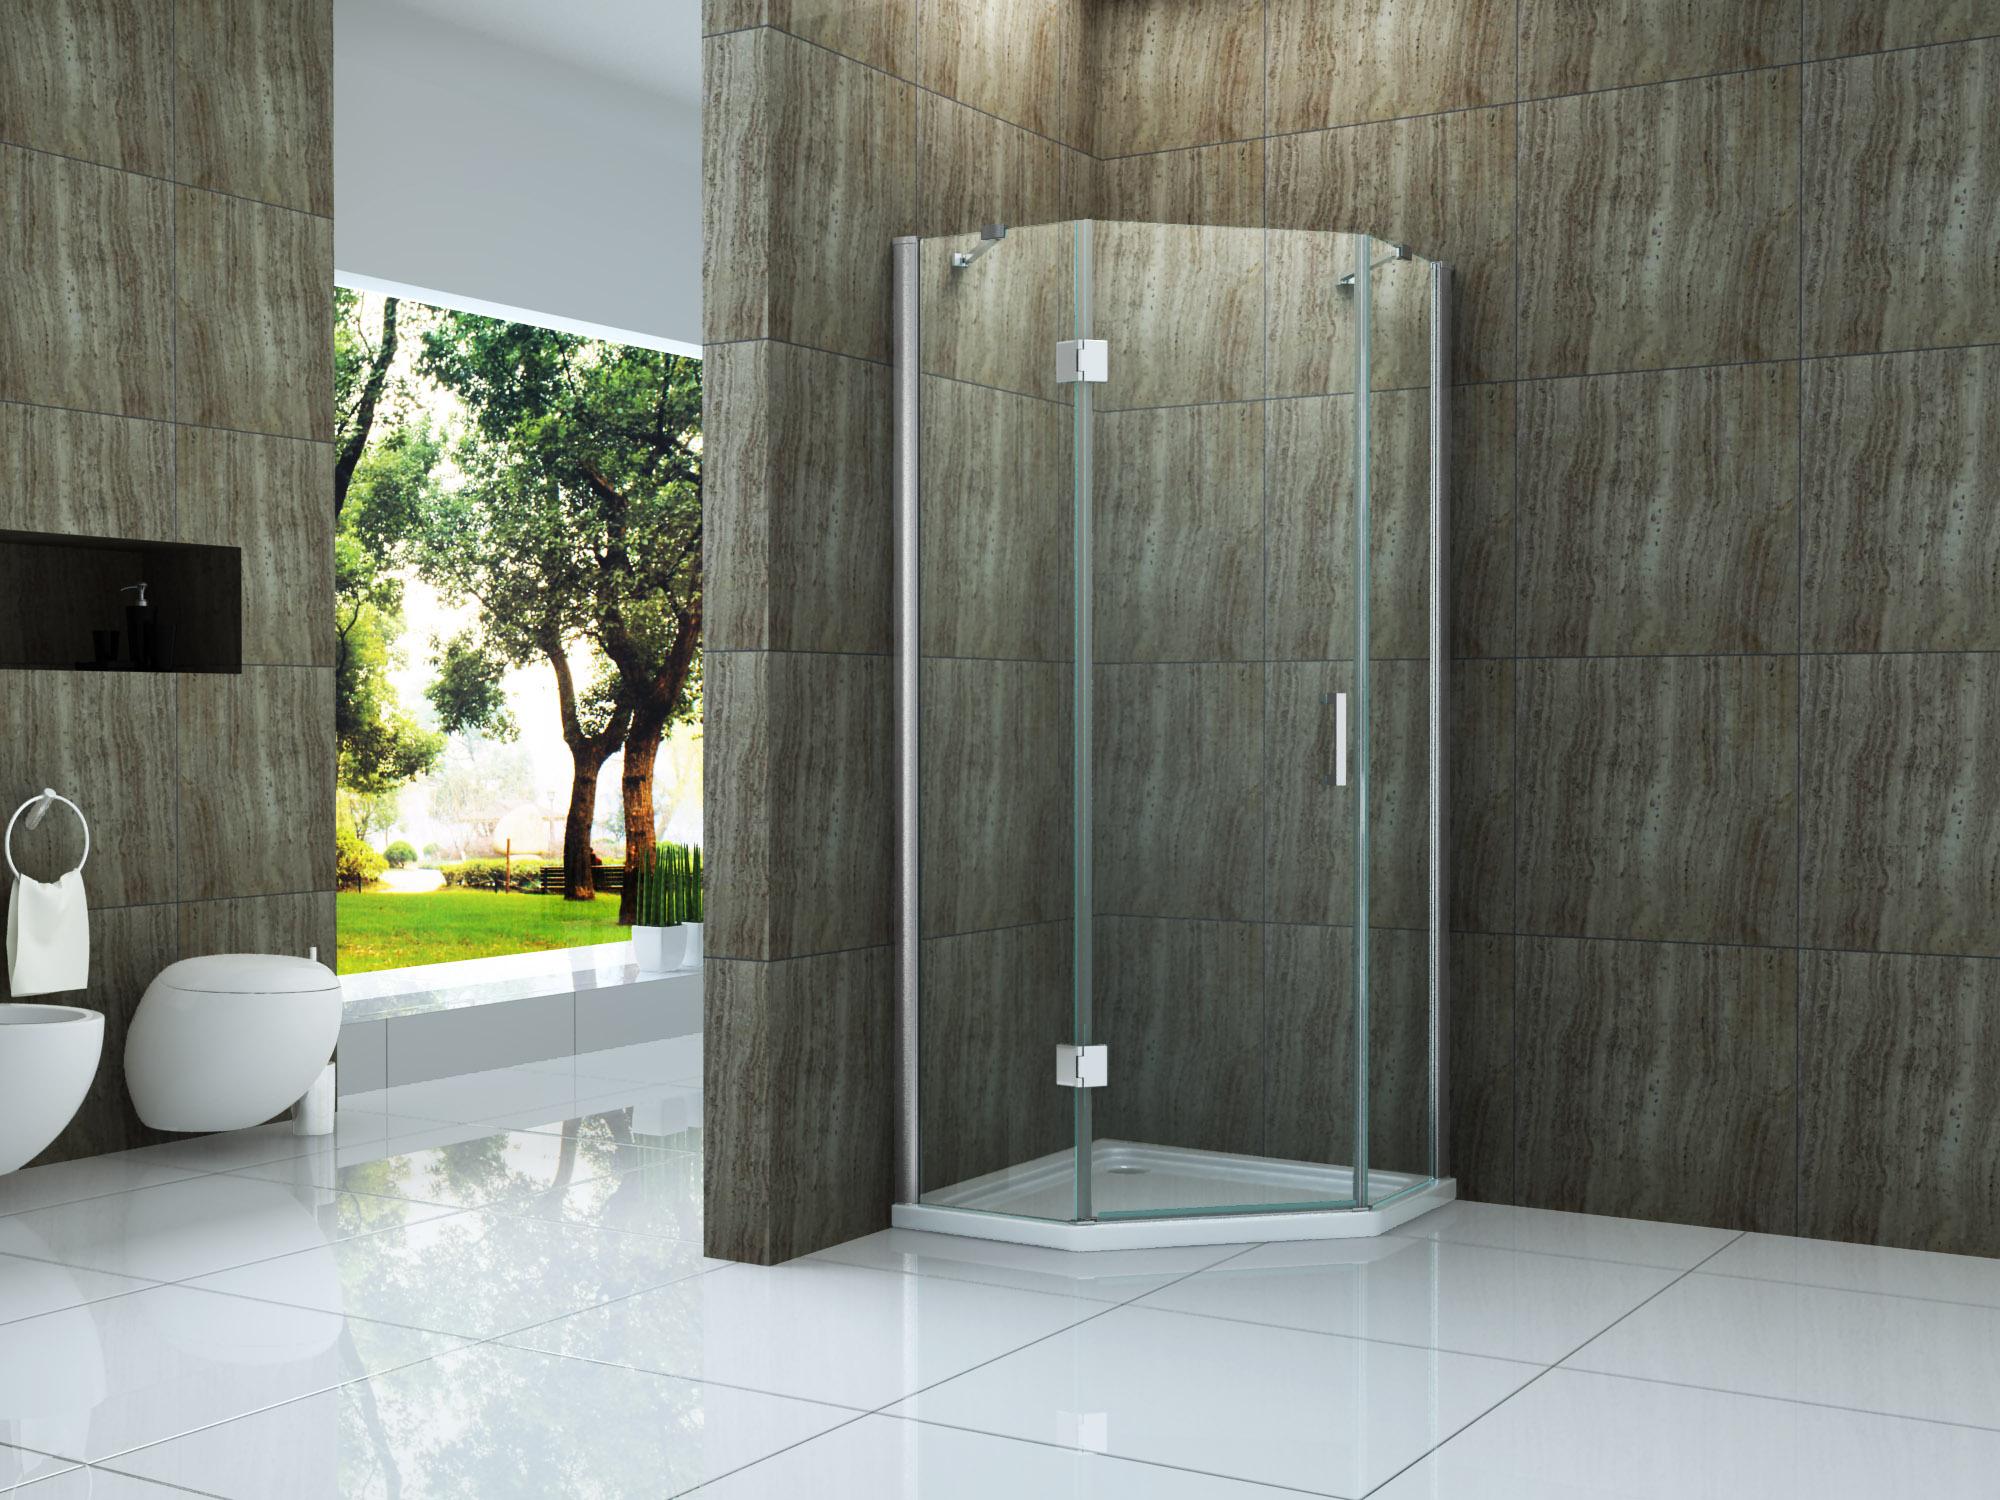 Fünfeck-Duschkabine NOOK  90 x 90 x 195 cm ohne Duschtasse